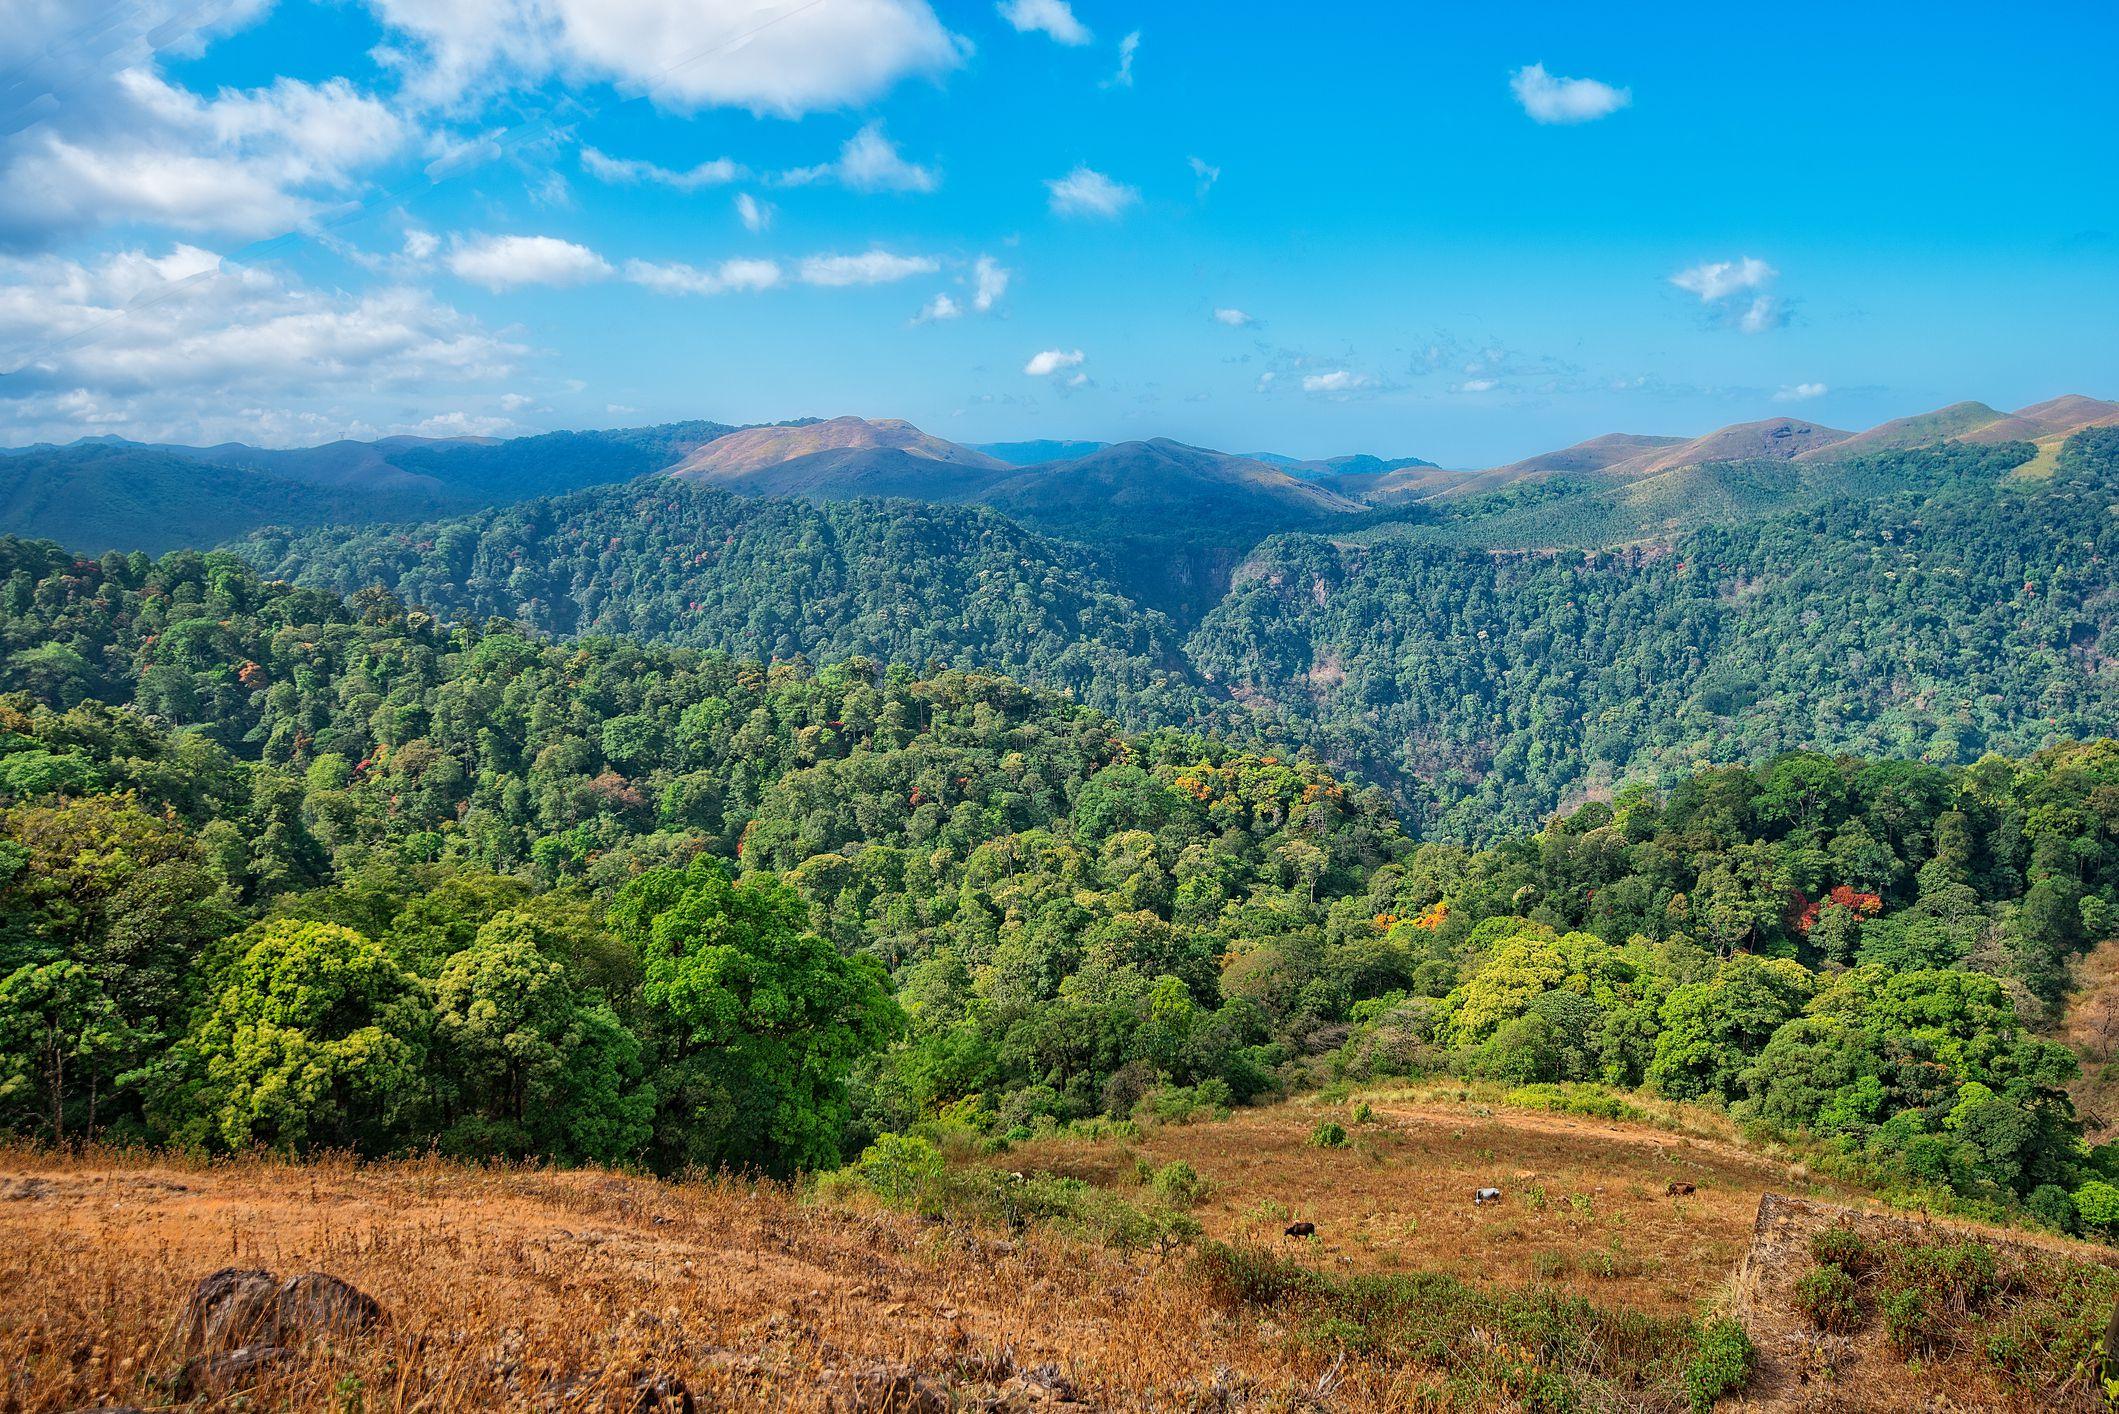 Parque Nacional Periyar y Santuario de Vida Silvestre